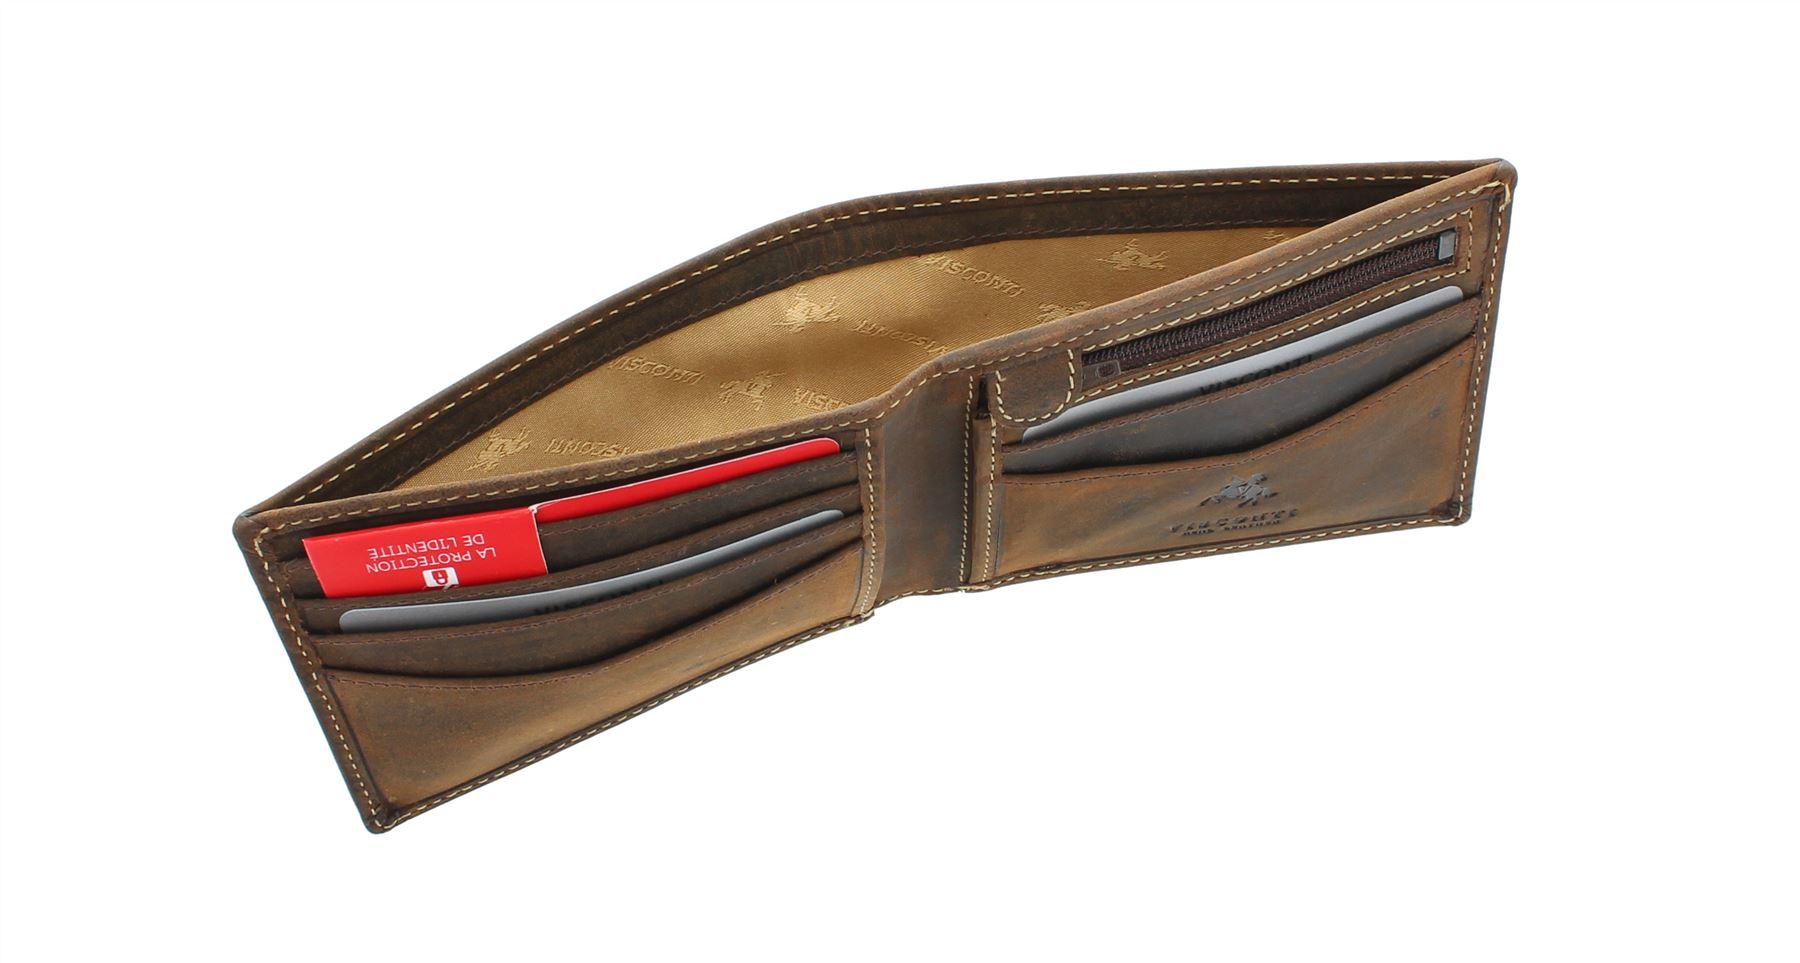 Visconti slim collection épée portefeuille cuir rfid protection VSL20